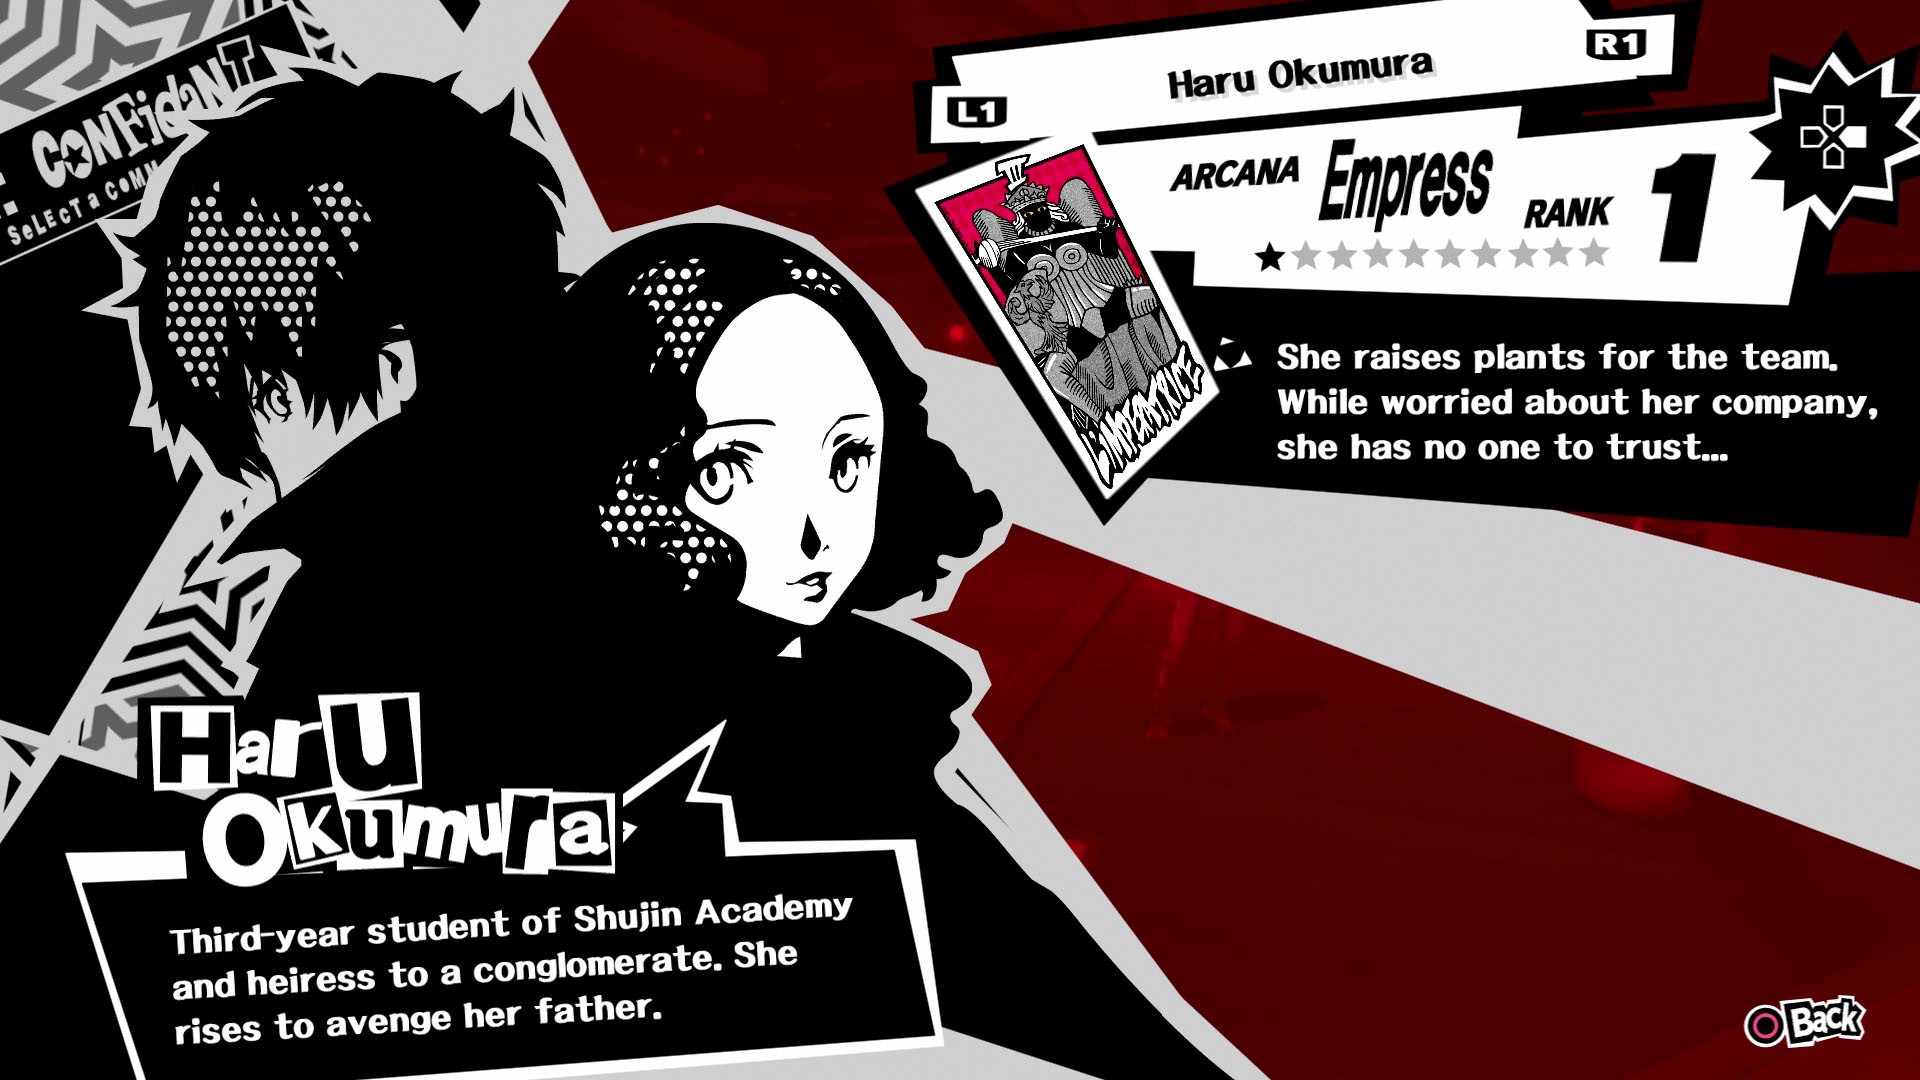 Persona 5 guide: Confidants - Polygon